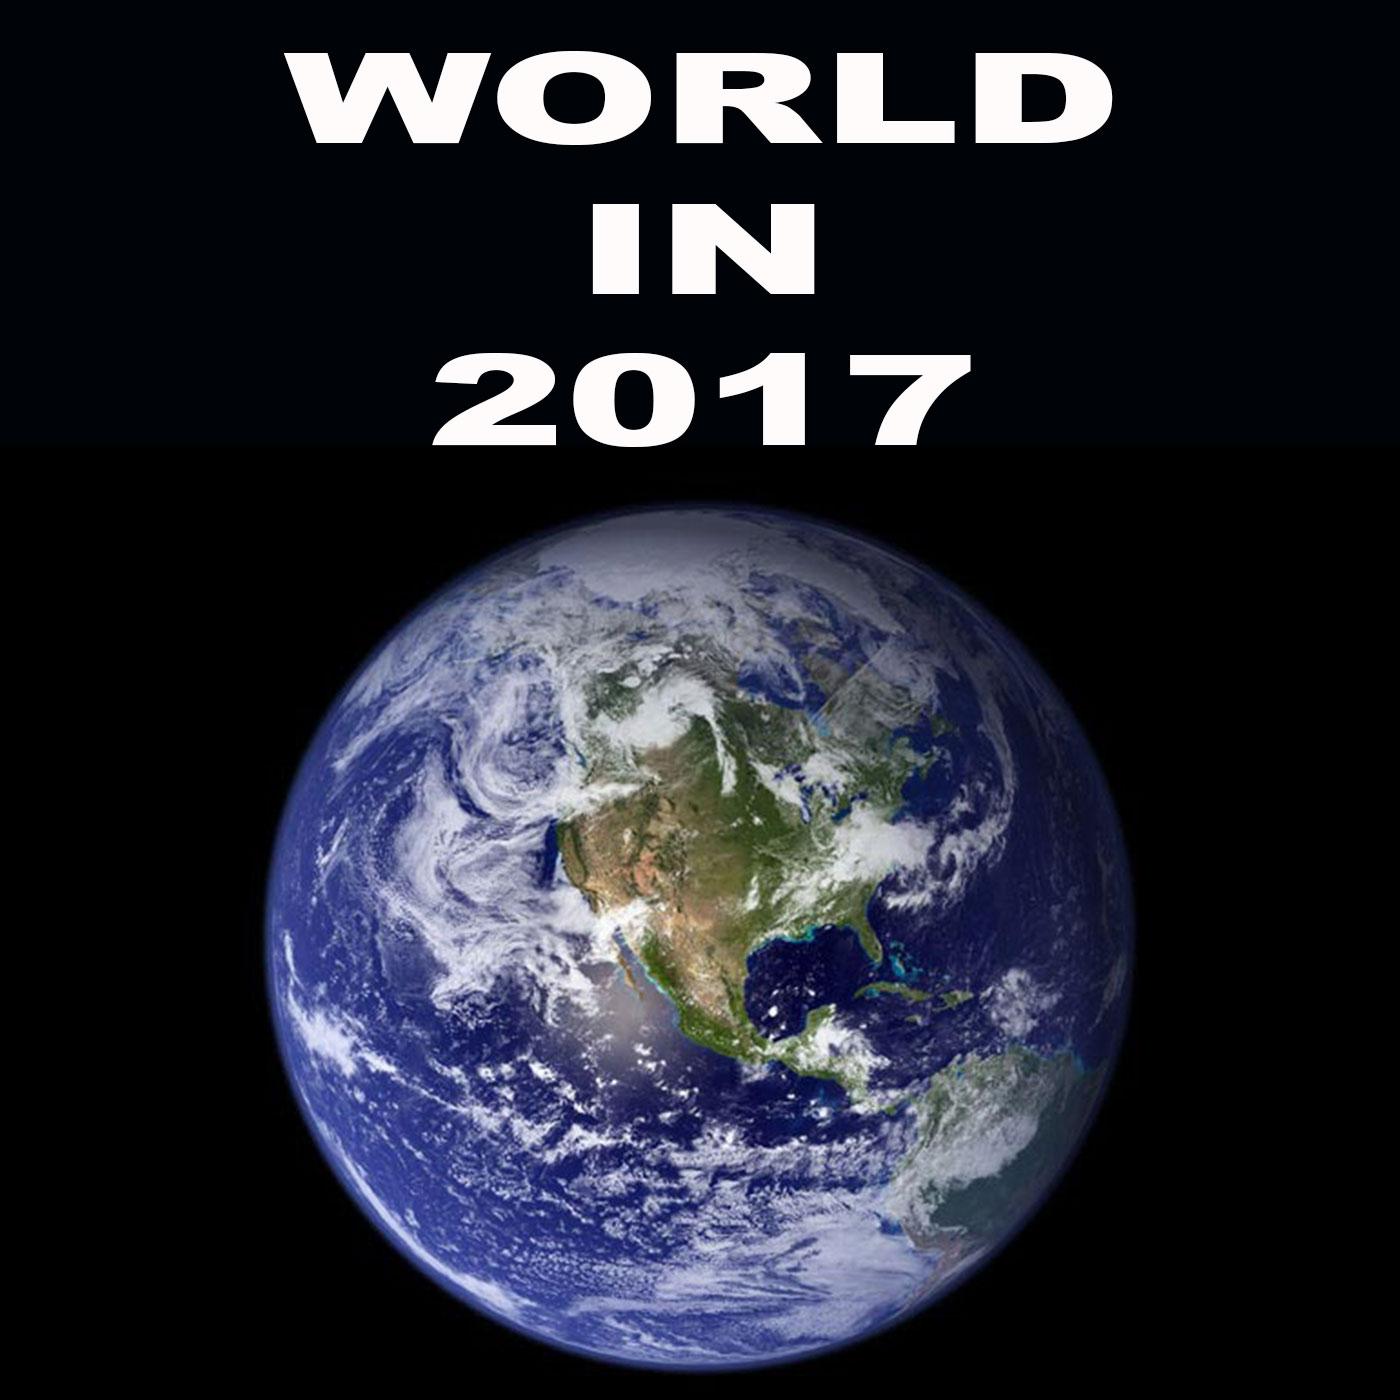 قسمت پنجم: جهان در سال 2017